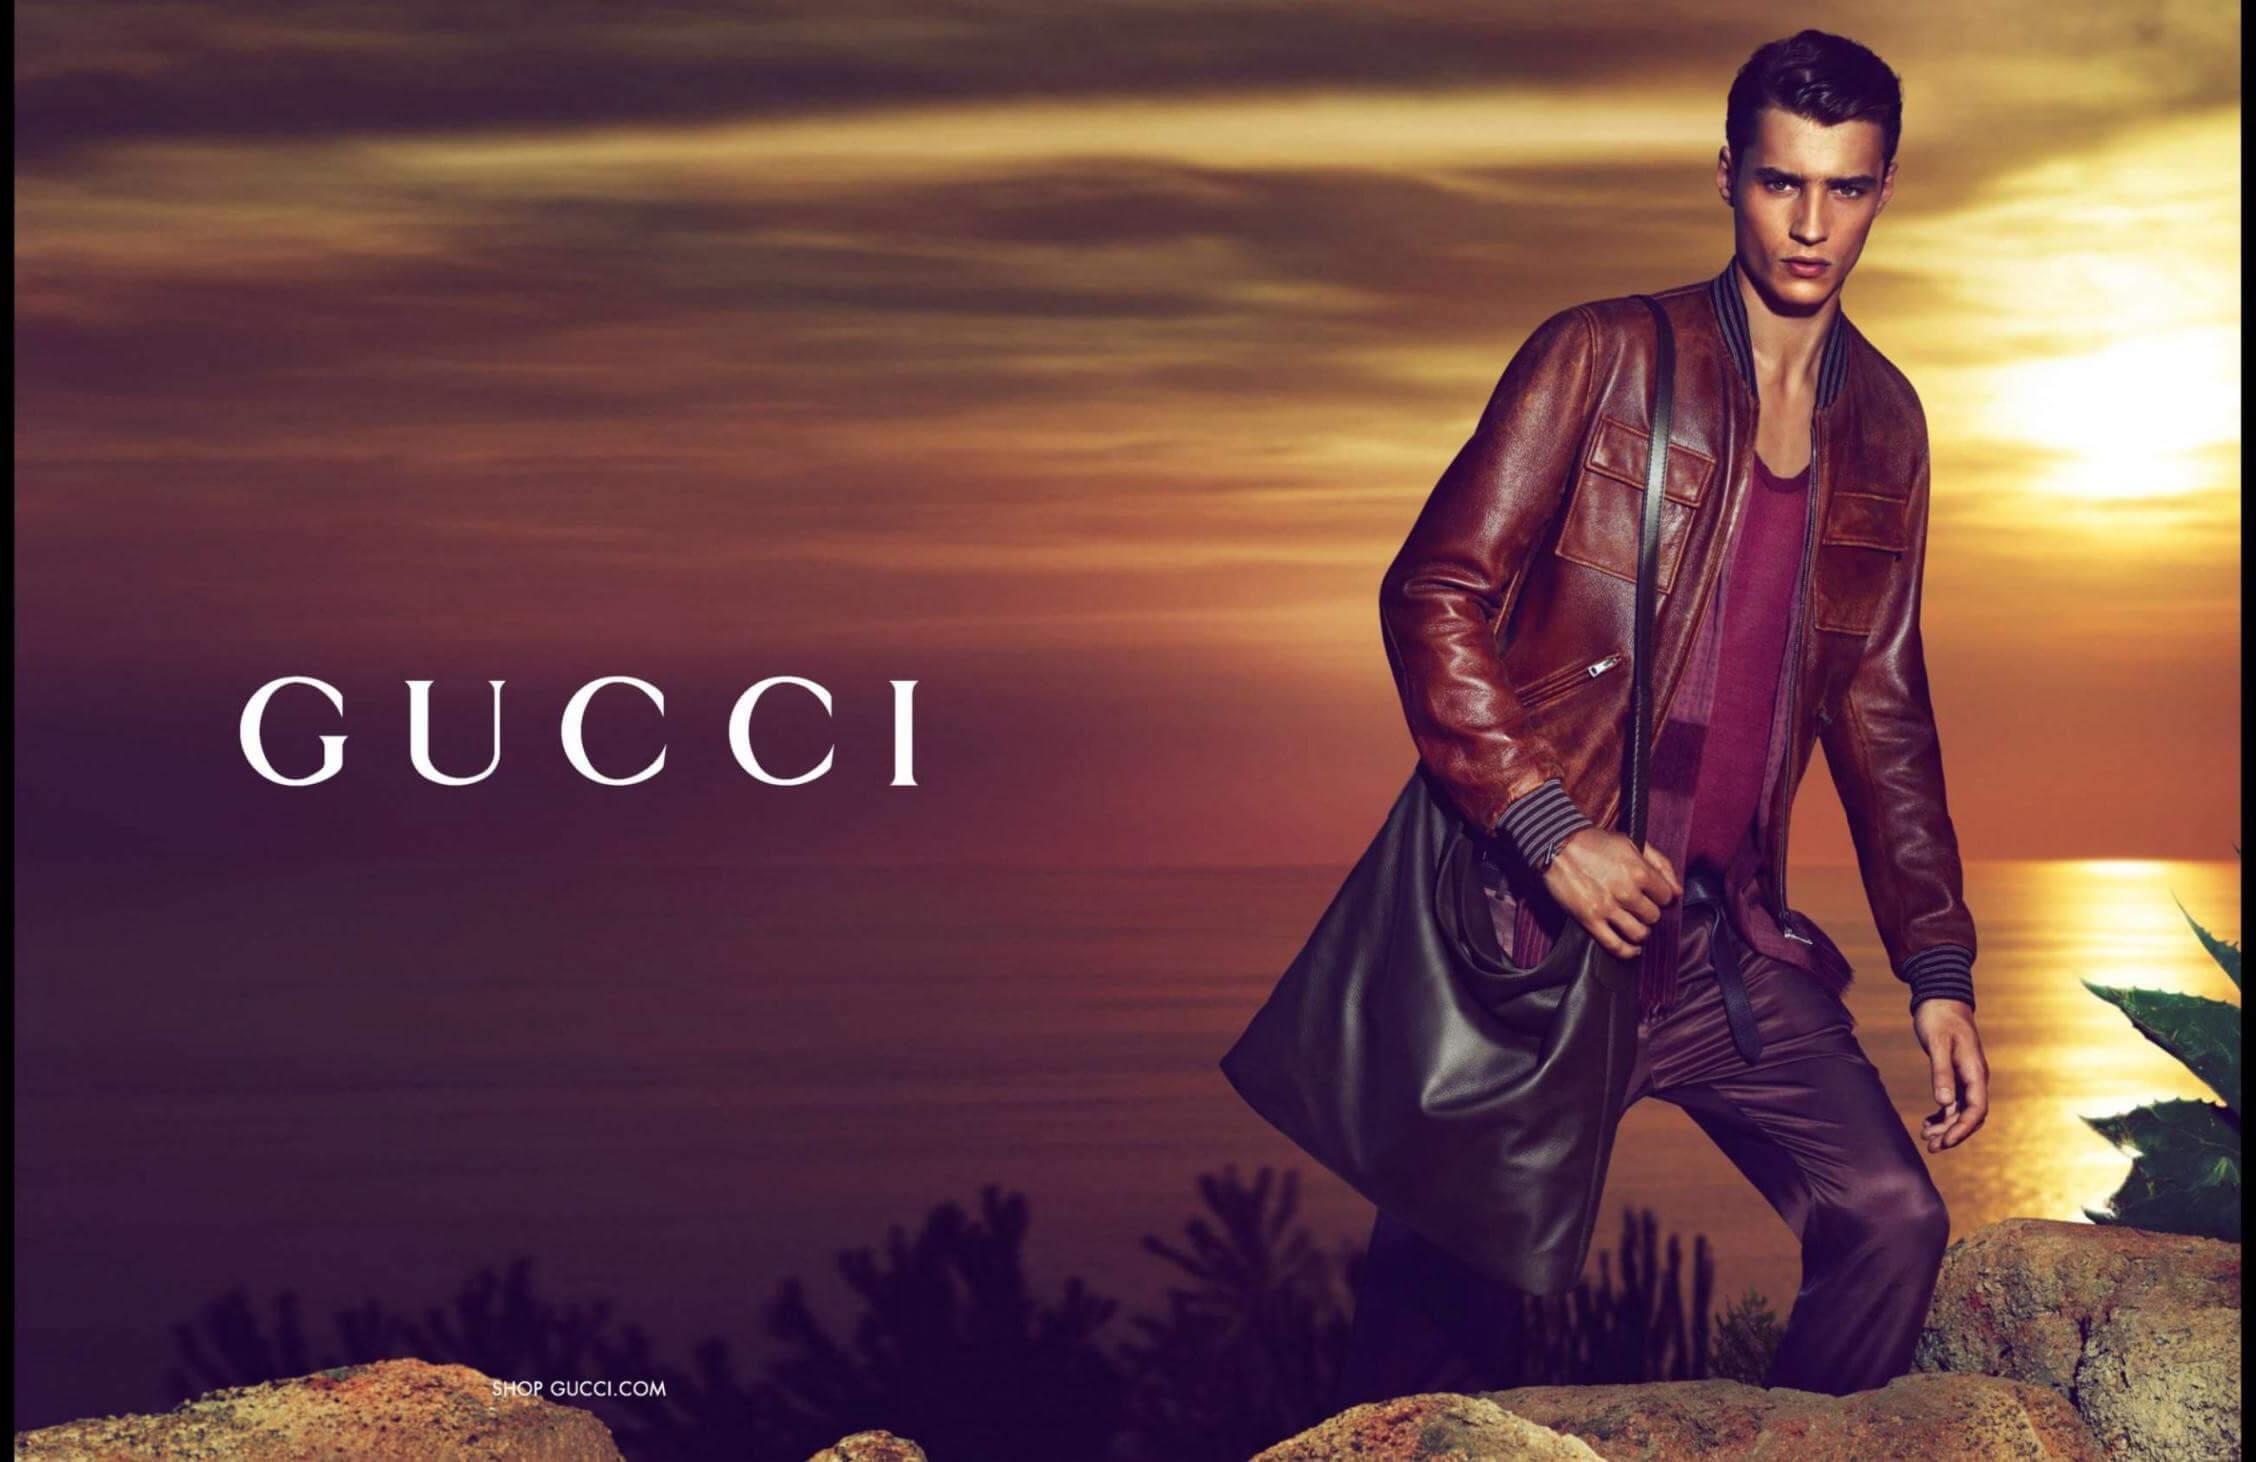 Campanha Gucci - Resort/Cruise 2014